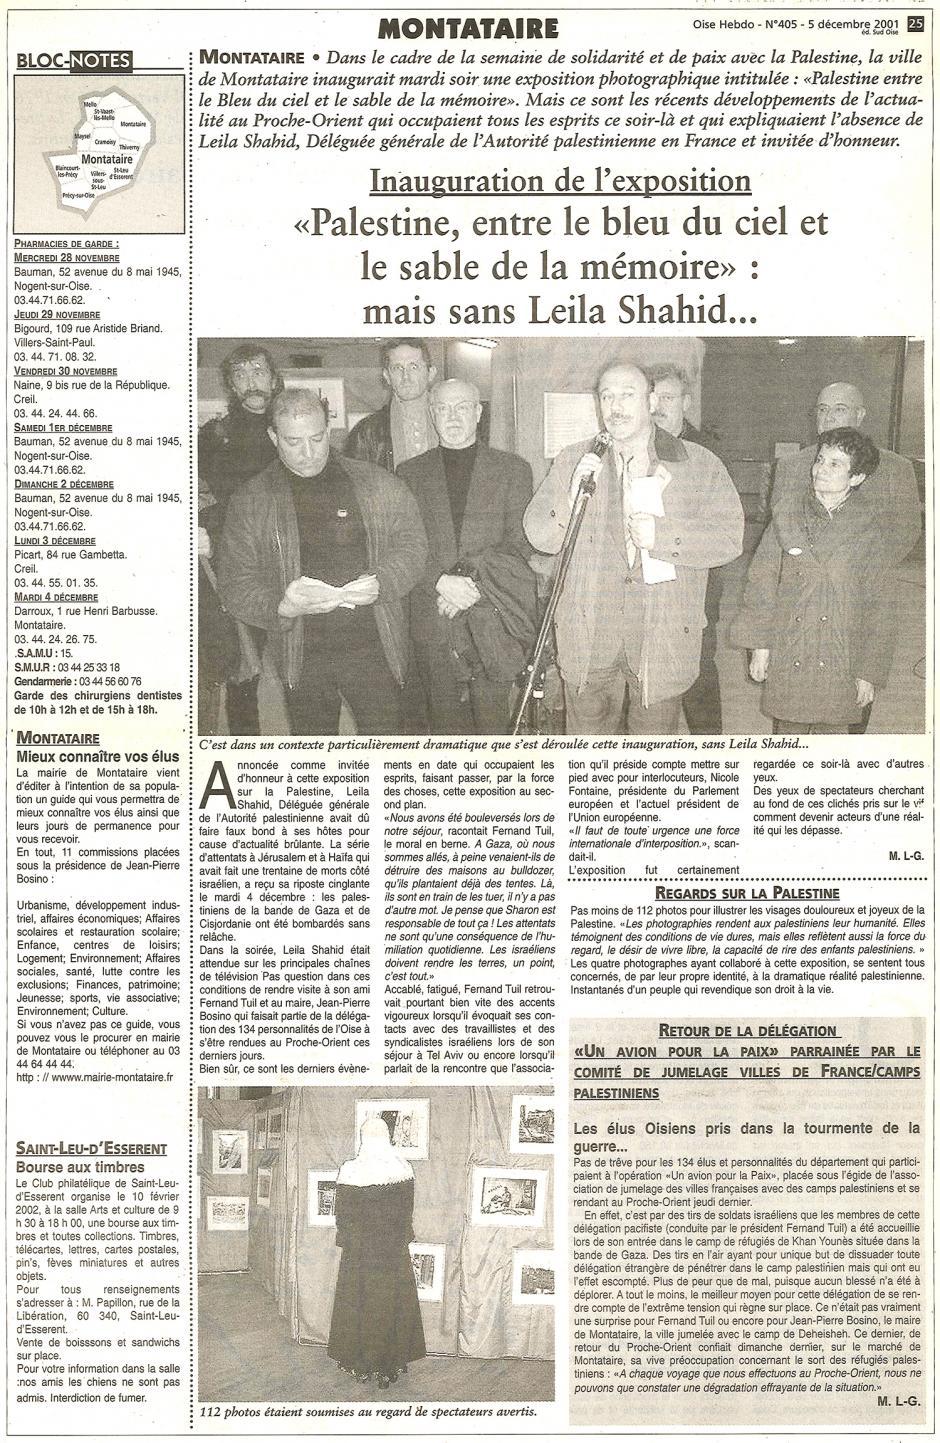 20011205-OH-Montataire-Inauguration de l'exposition « Palestine, entre le bleu du ciel et le sable de la mémoire »